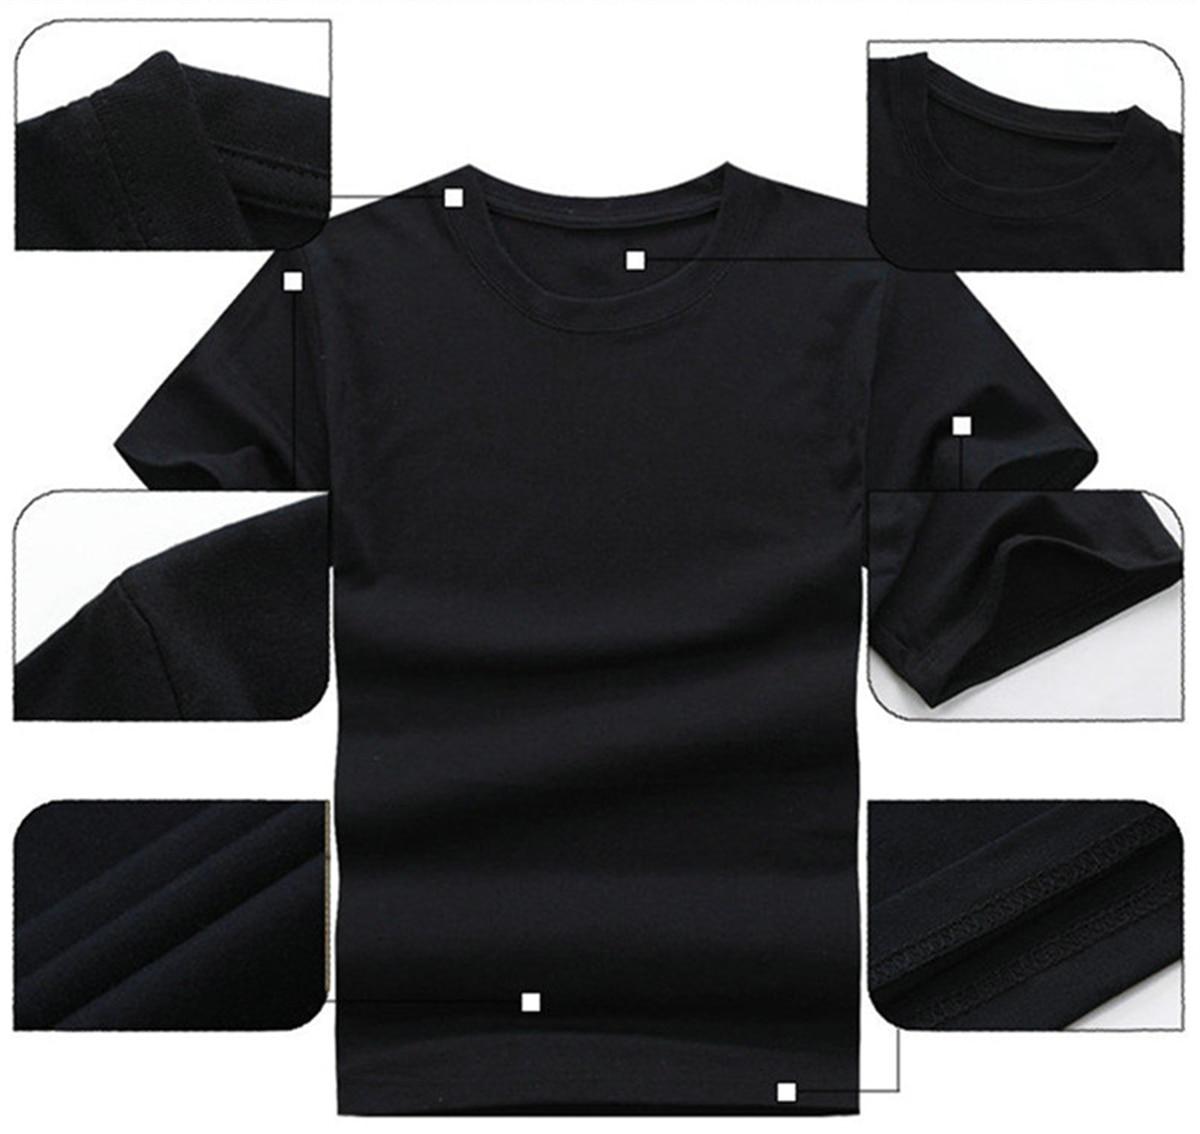 GILDAN R.E.D Friday T-shirt Hot Womens T-shirt